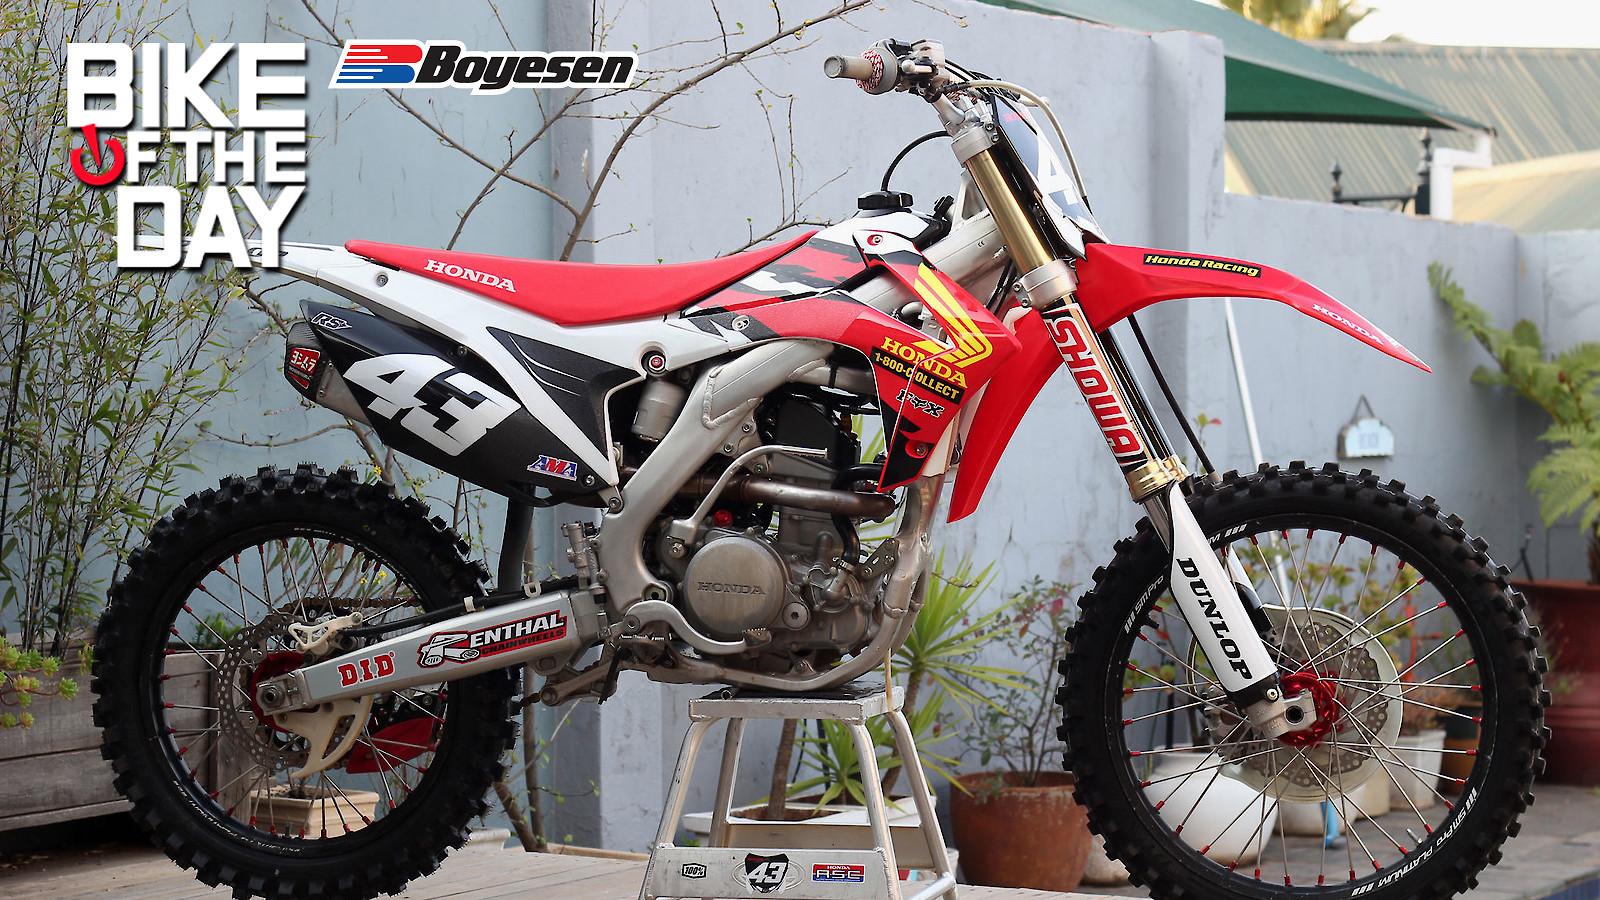 2014 CRF250R